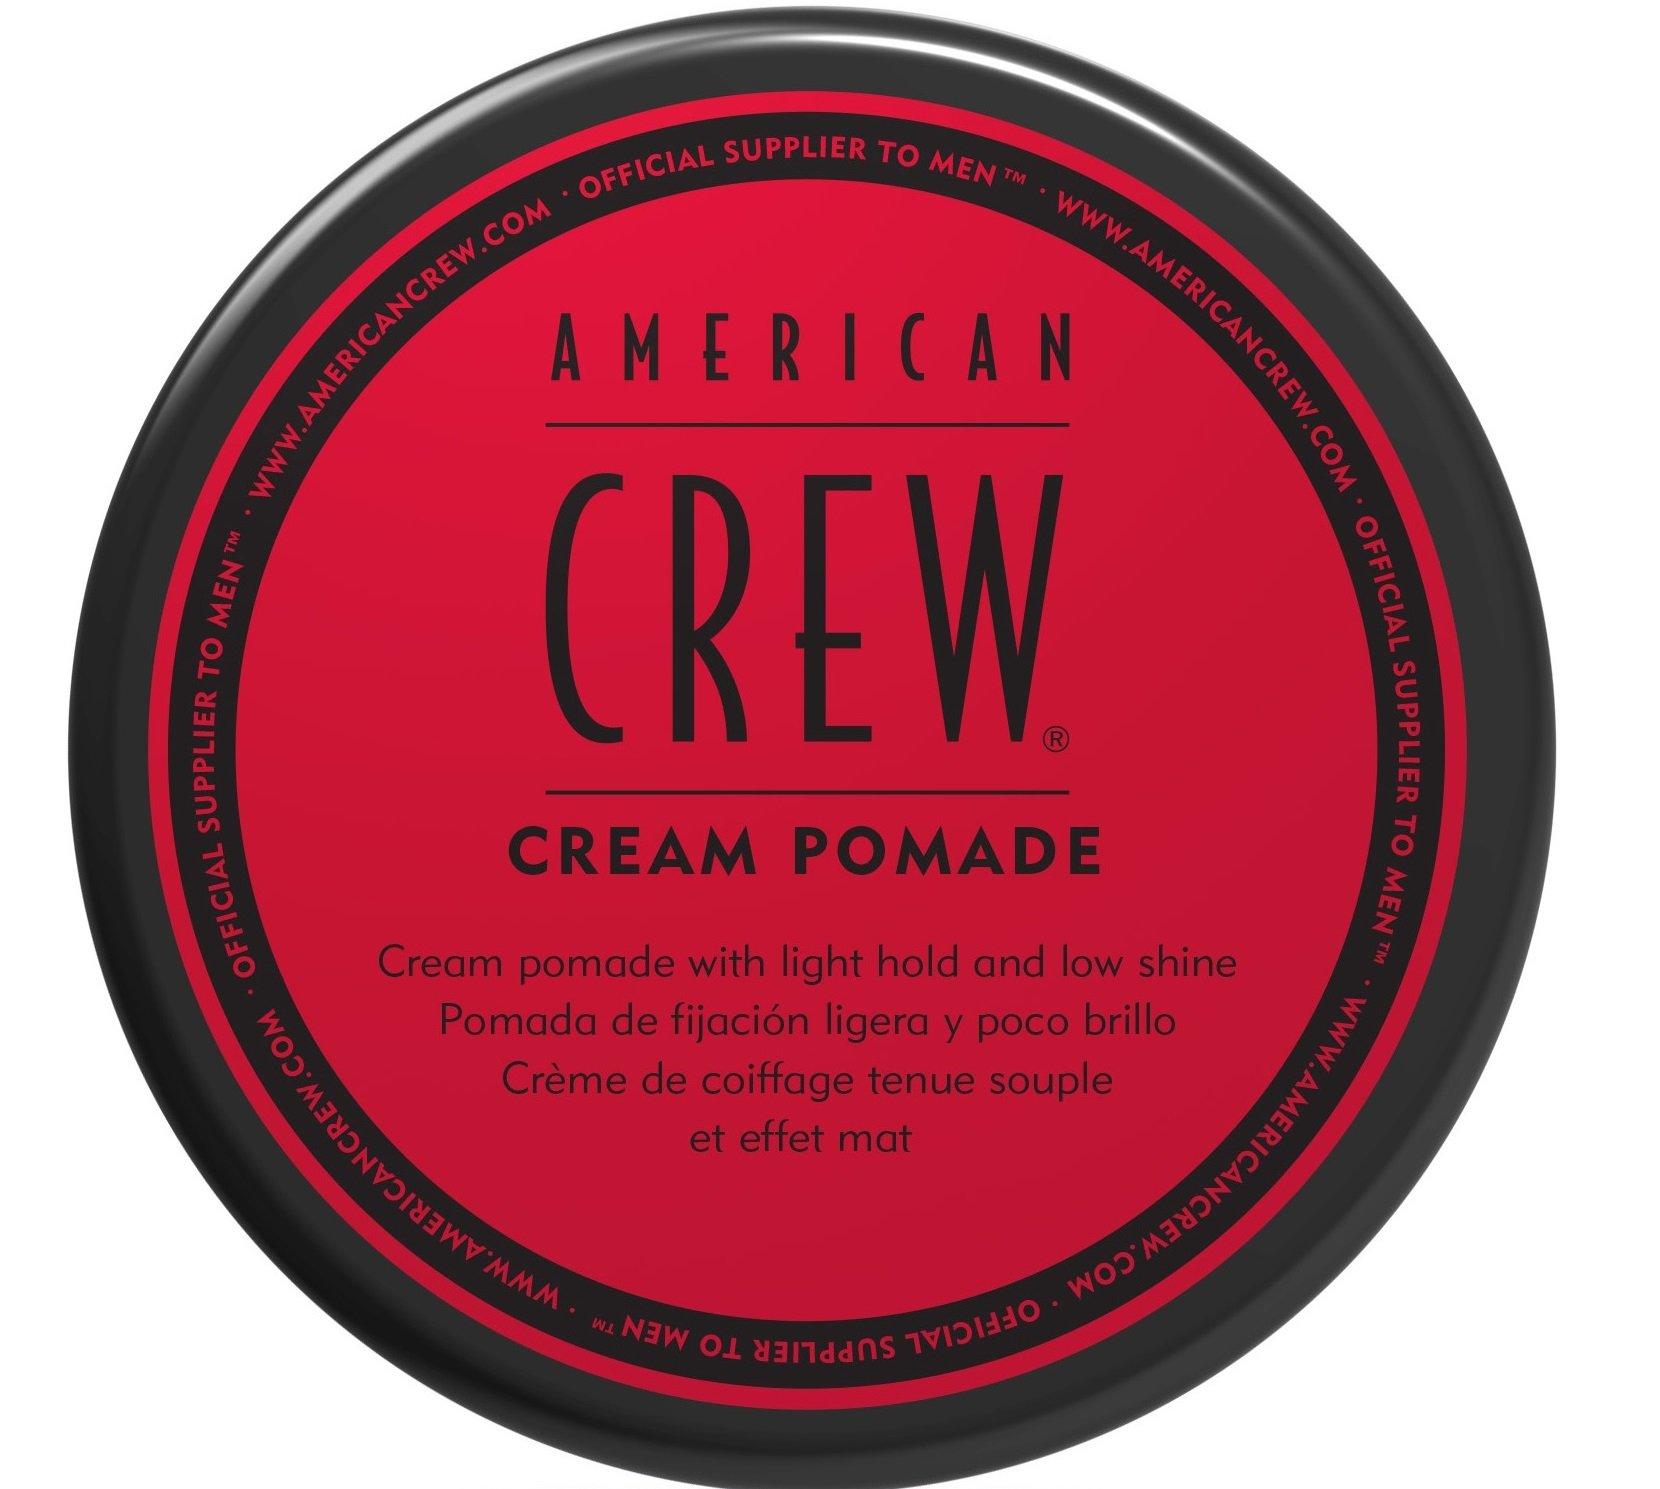 American Crew Pomada de Fijacion (Fijacion Ligera / Poco Brillo) 85 g